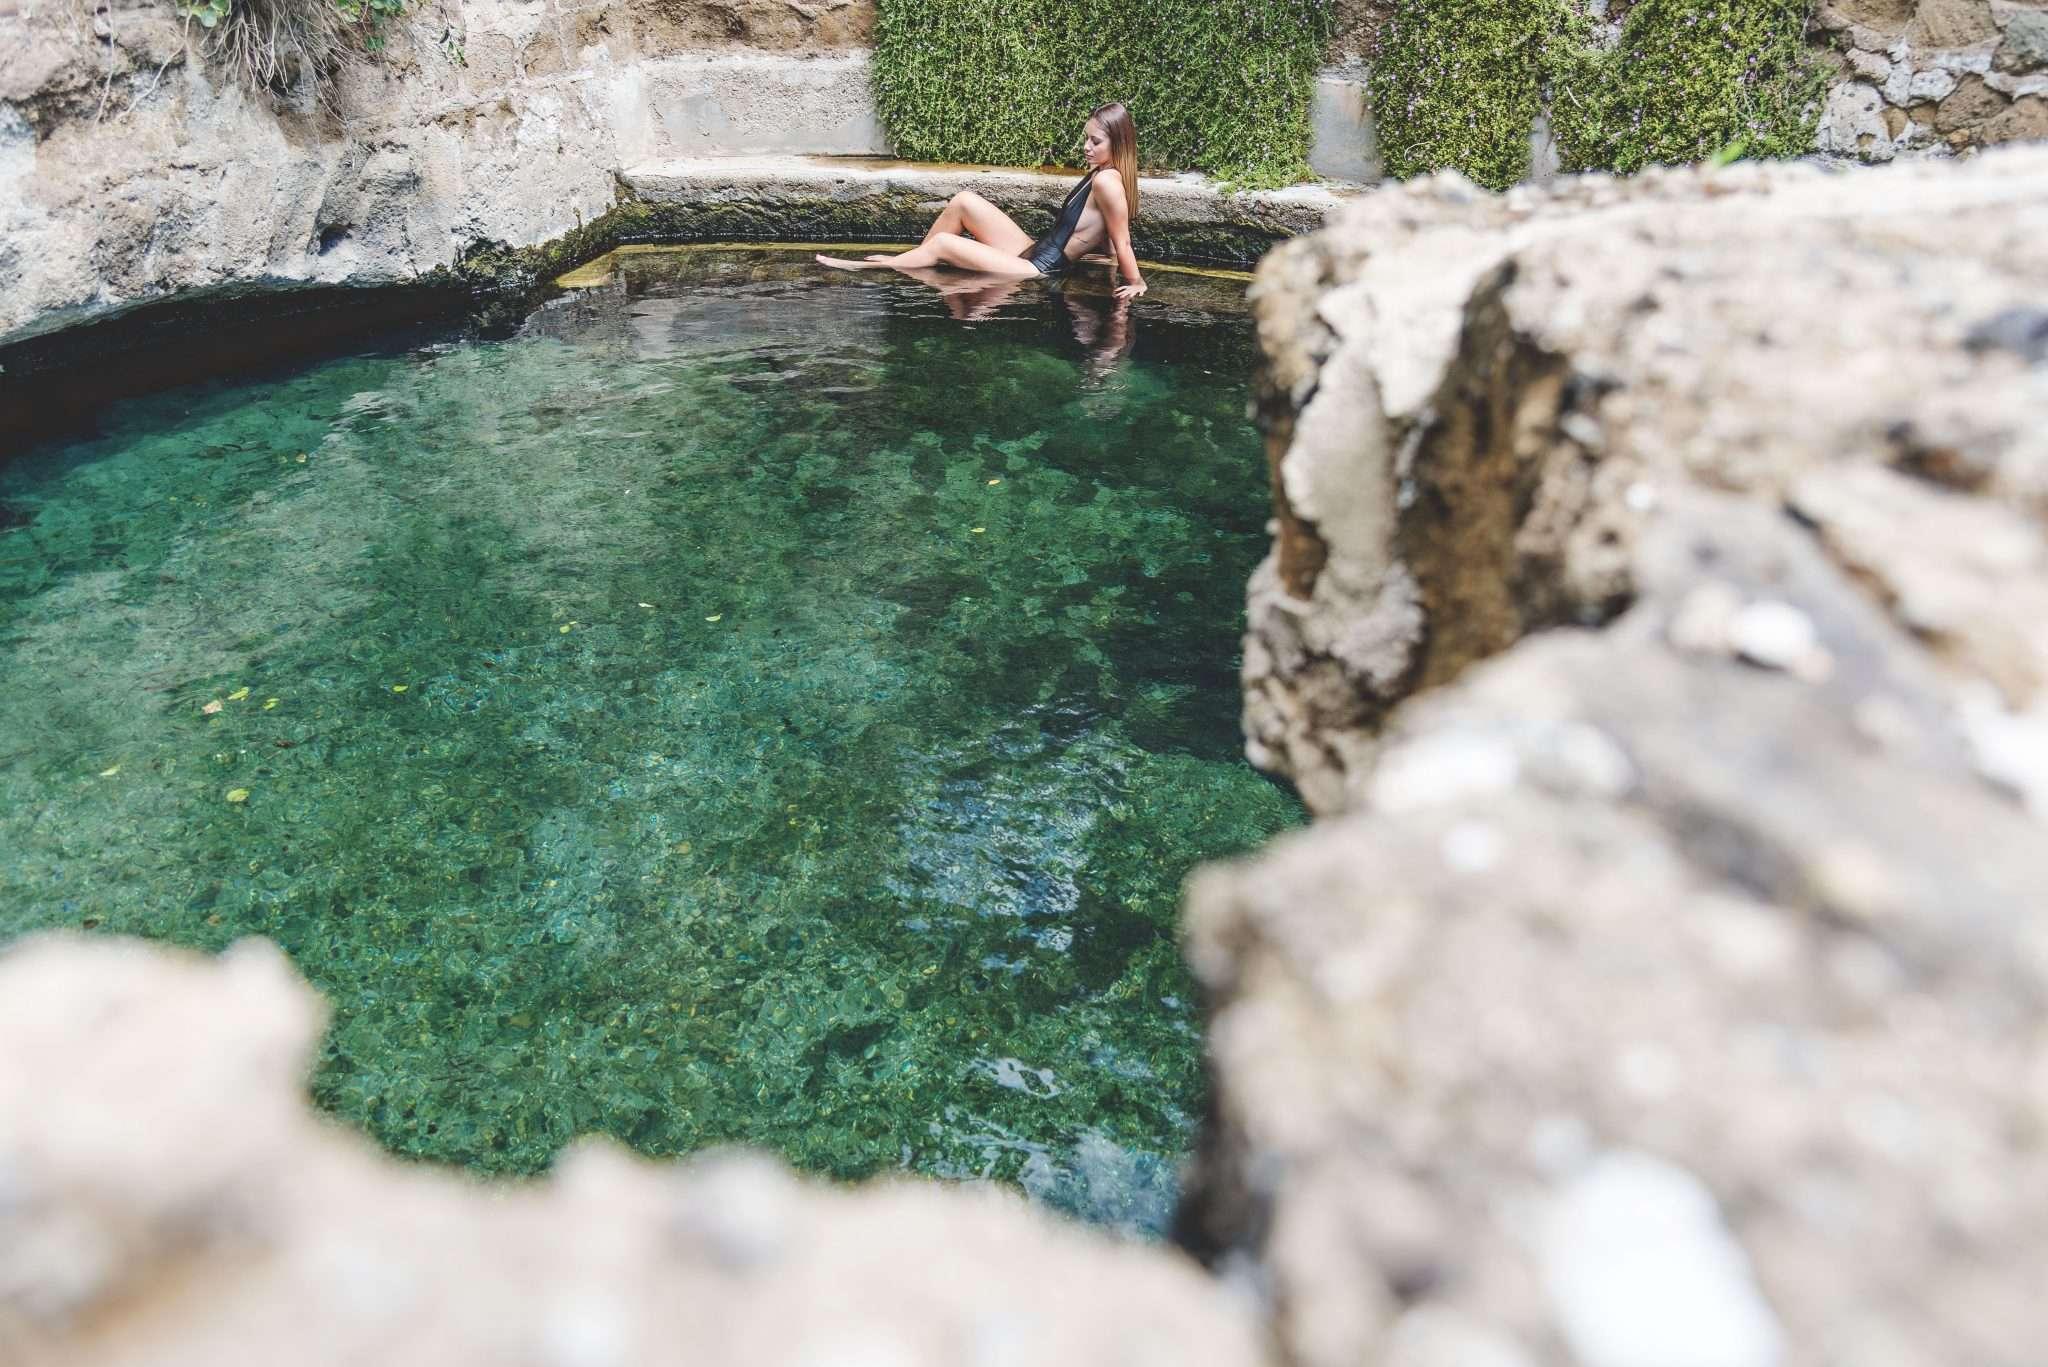 Fotografia donna piscina termale realizzata da Barbara Trincone Fotografo freelance con studio privato a Pozzuoli Napoli specializzata in still Life ad uso e-commerce, book, advertising ed editoria